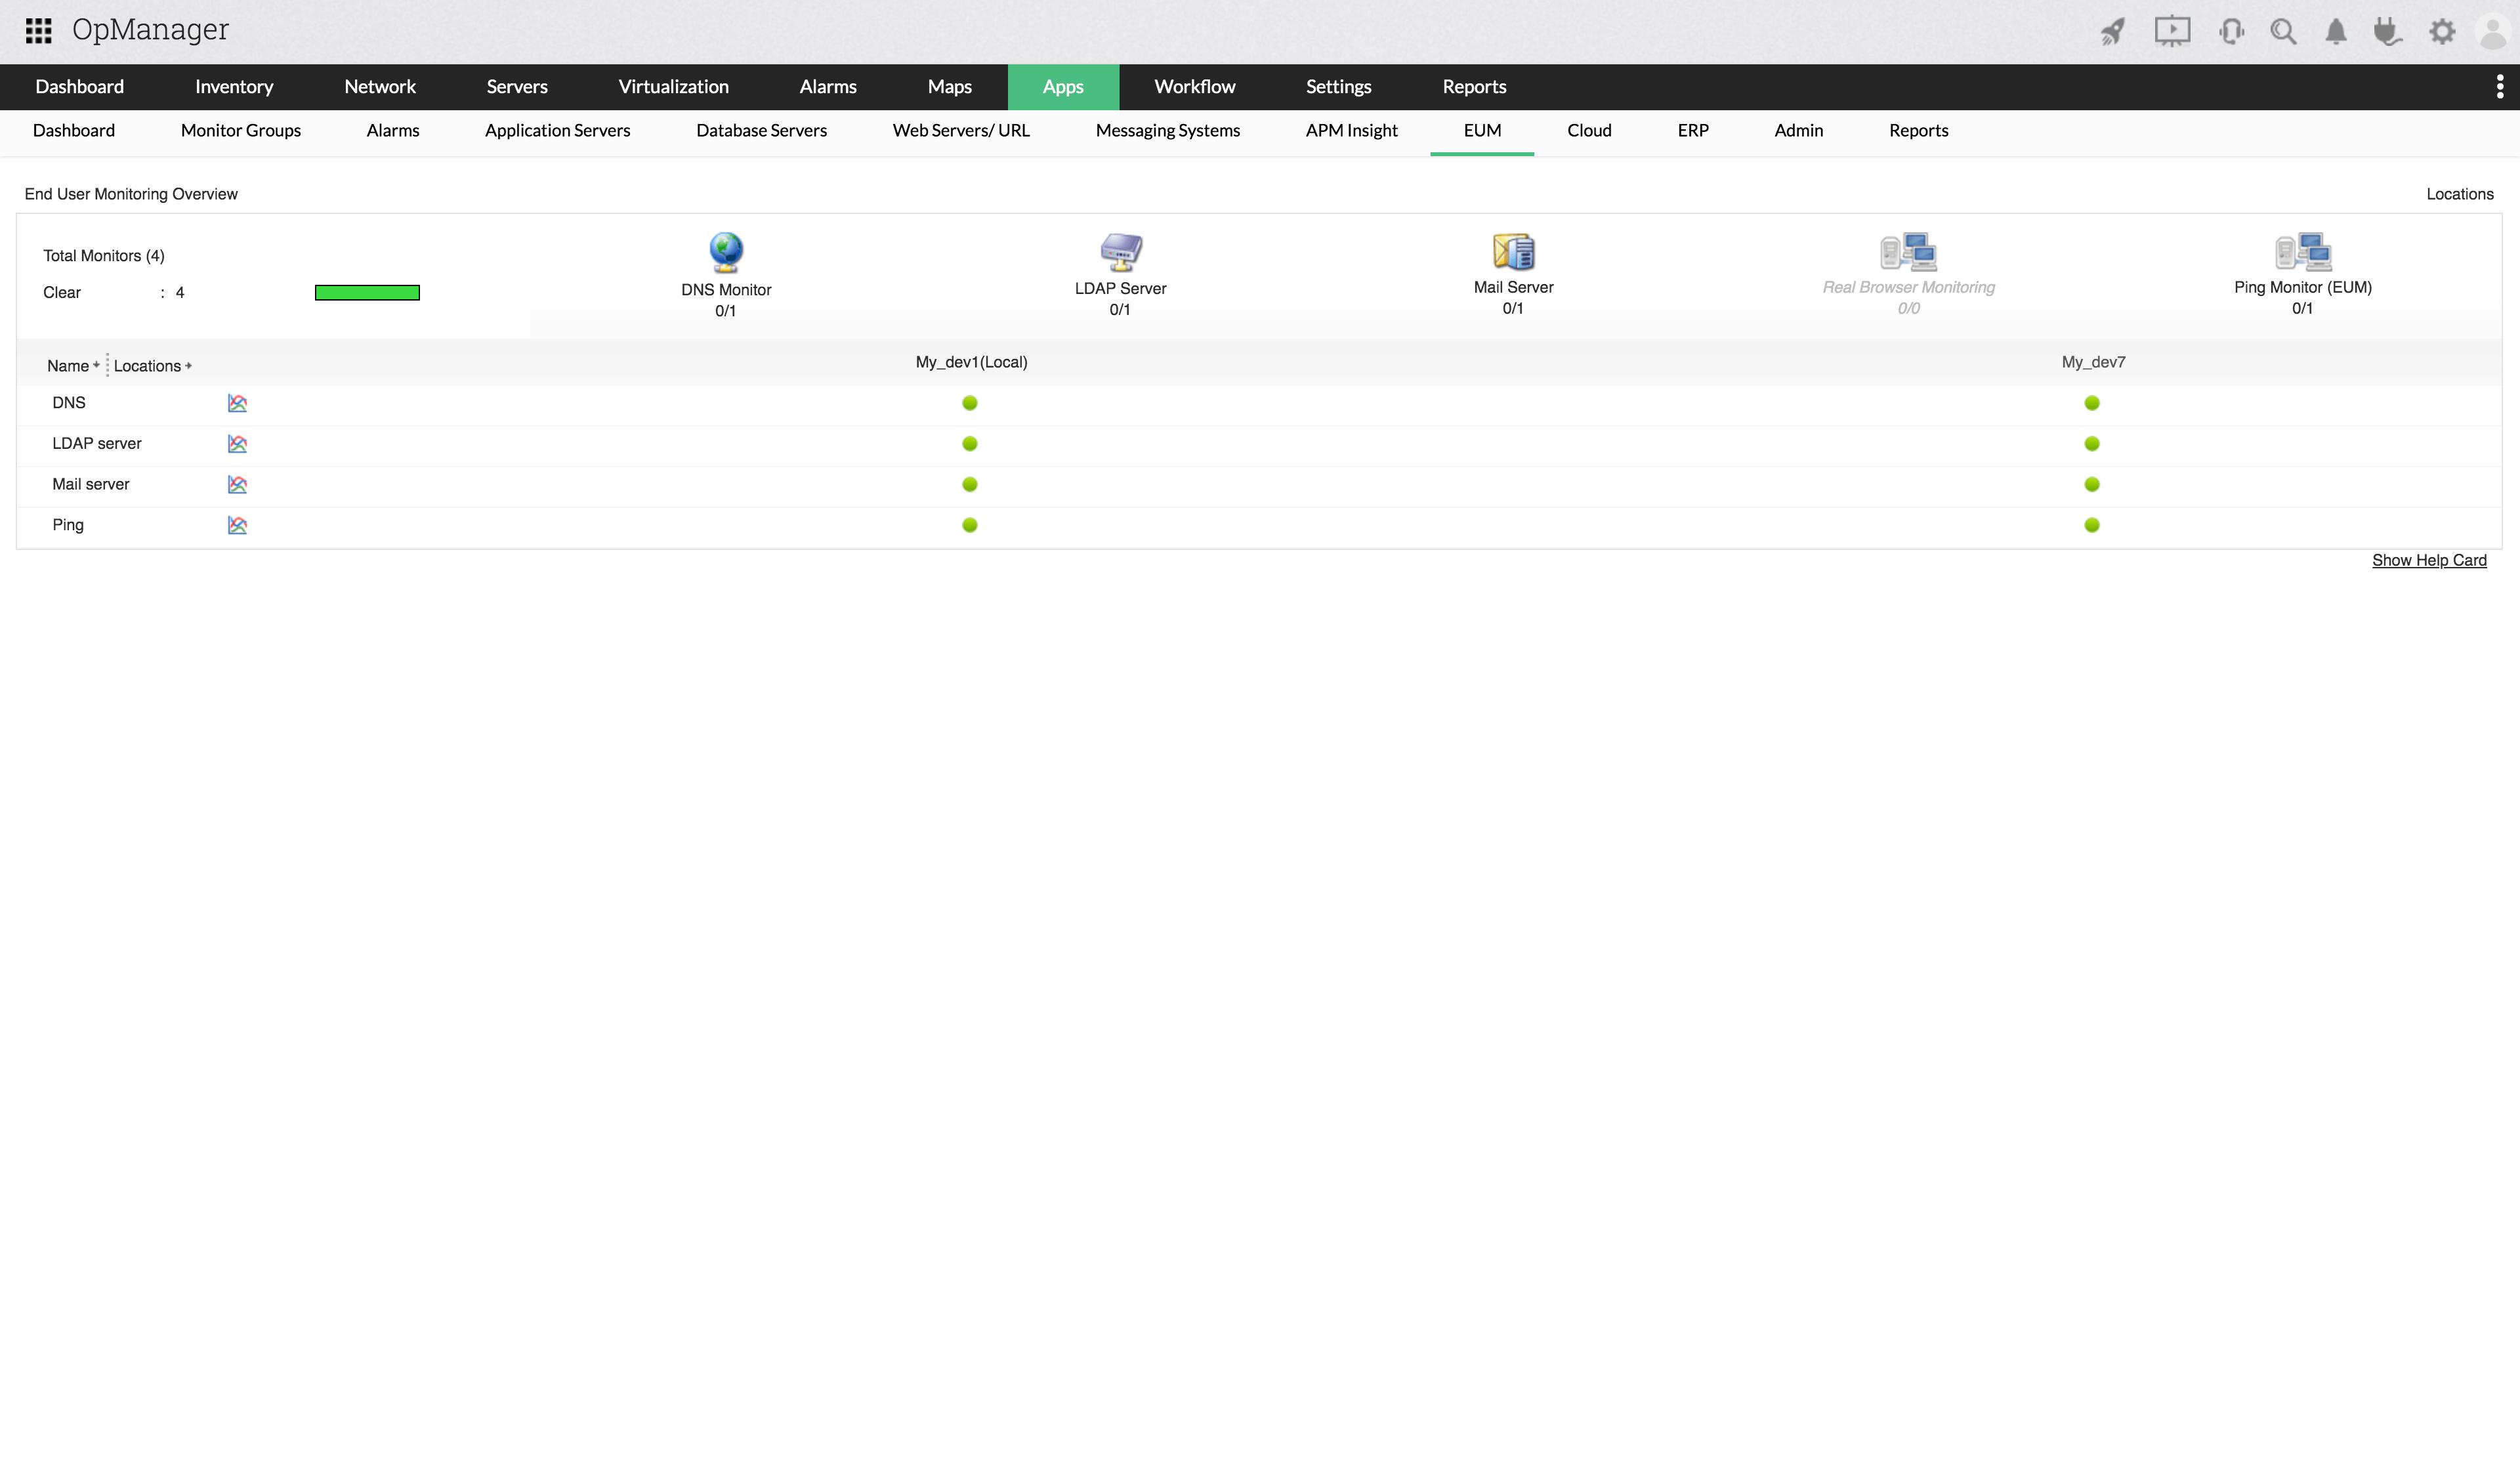 Analyse des utilisateurs finaux à partir des succursales